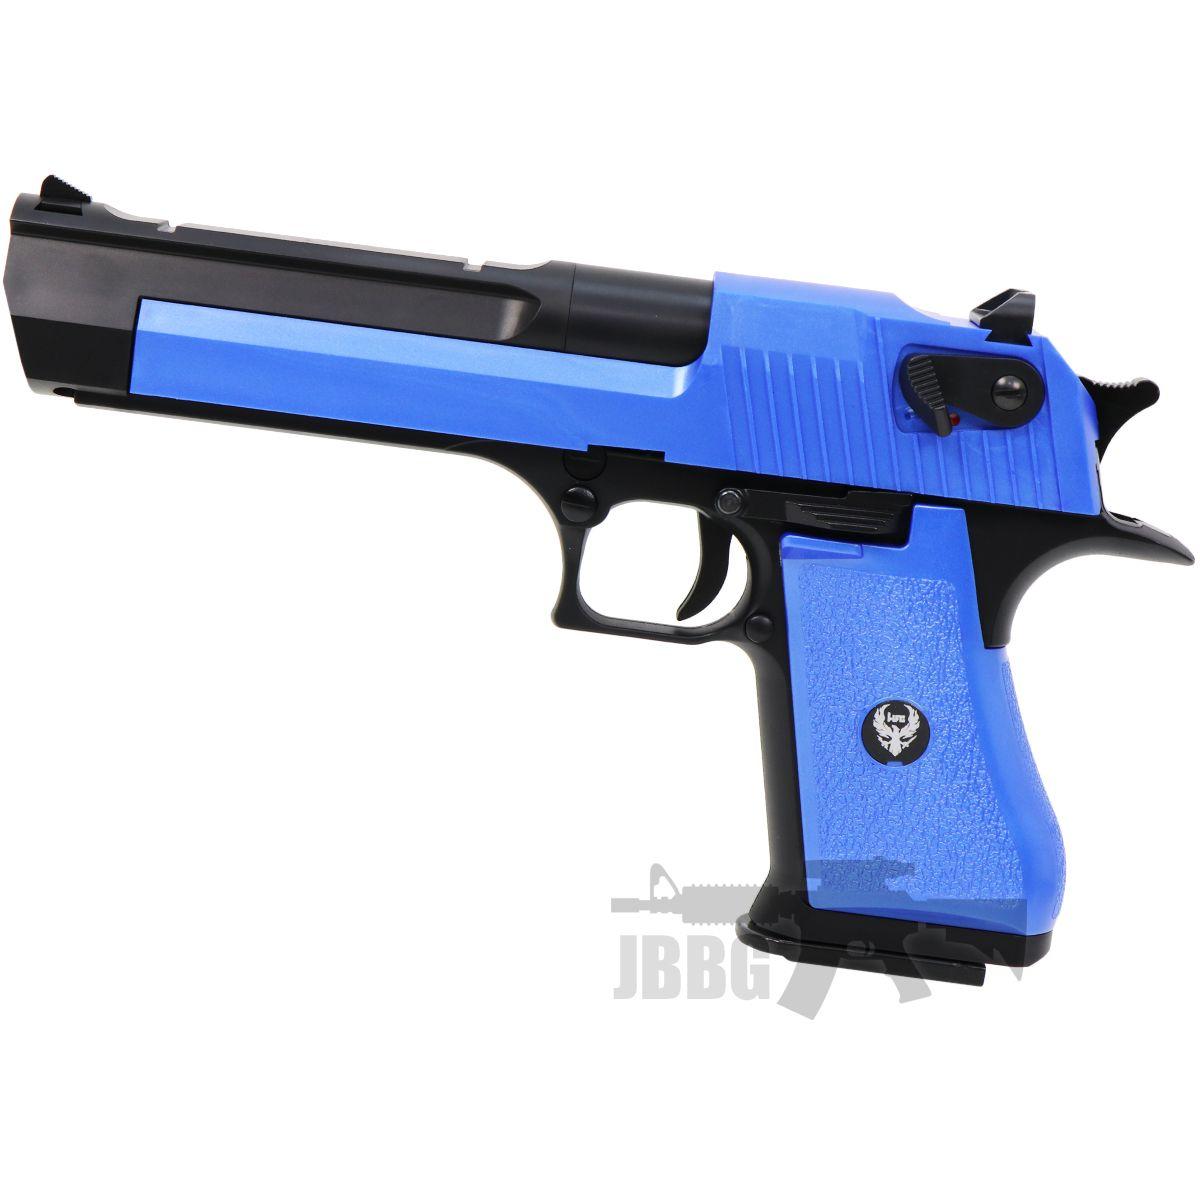 HG195 Desert Eagle Gas Pistol – Z-BLUE